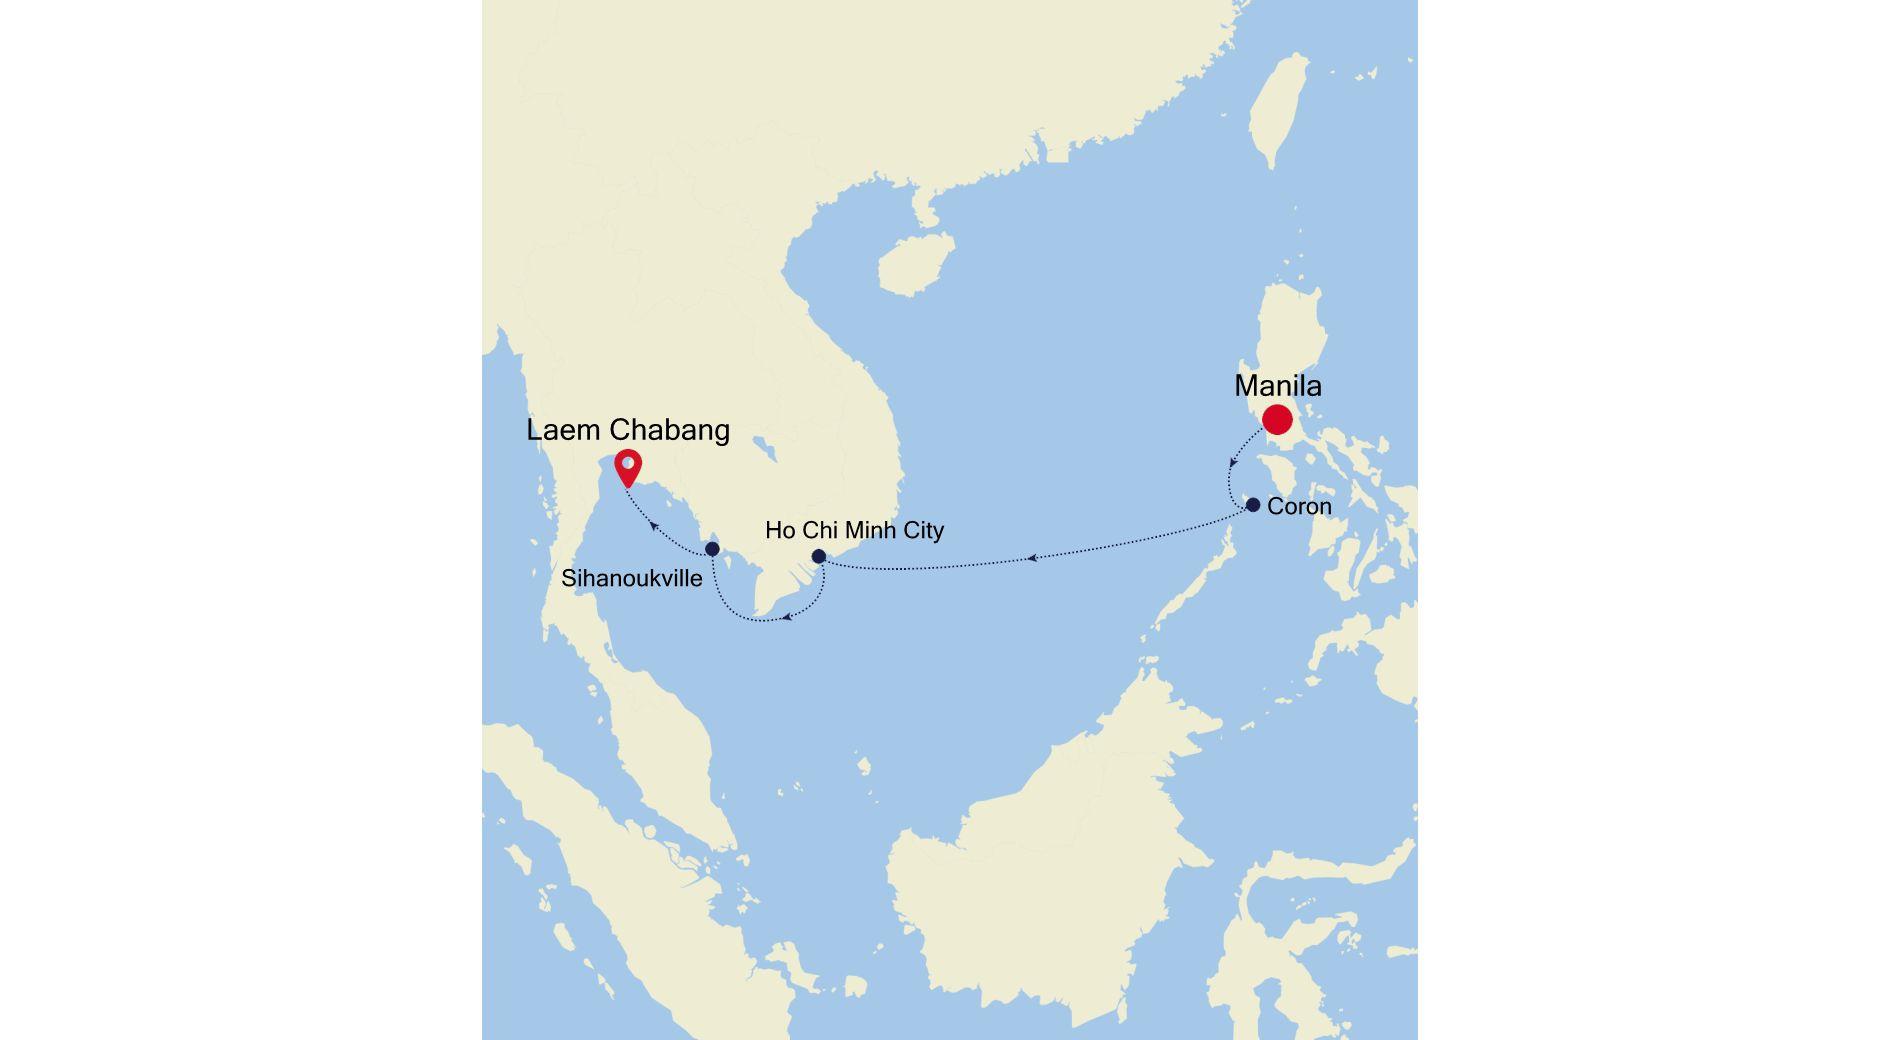 5002B - Manila nach Laem Chabang